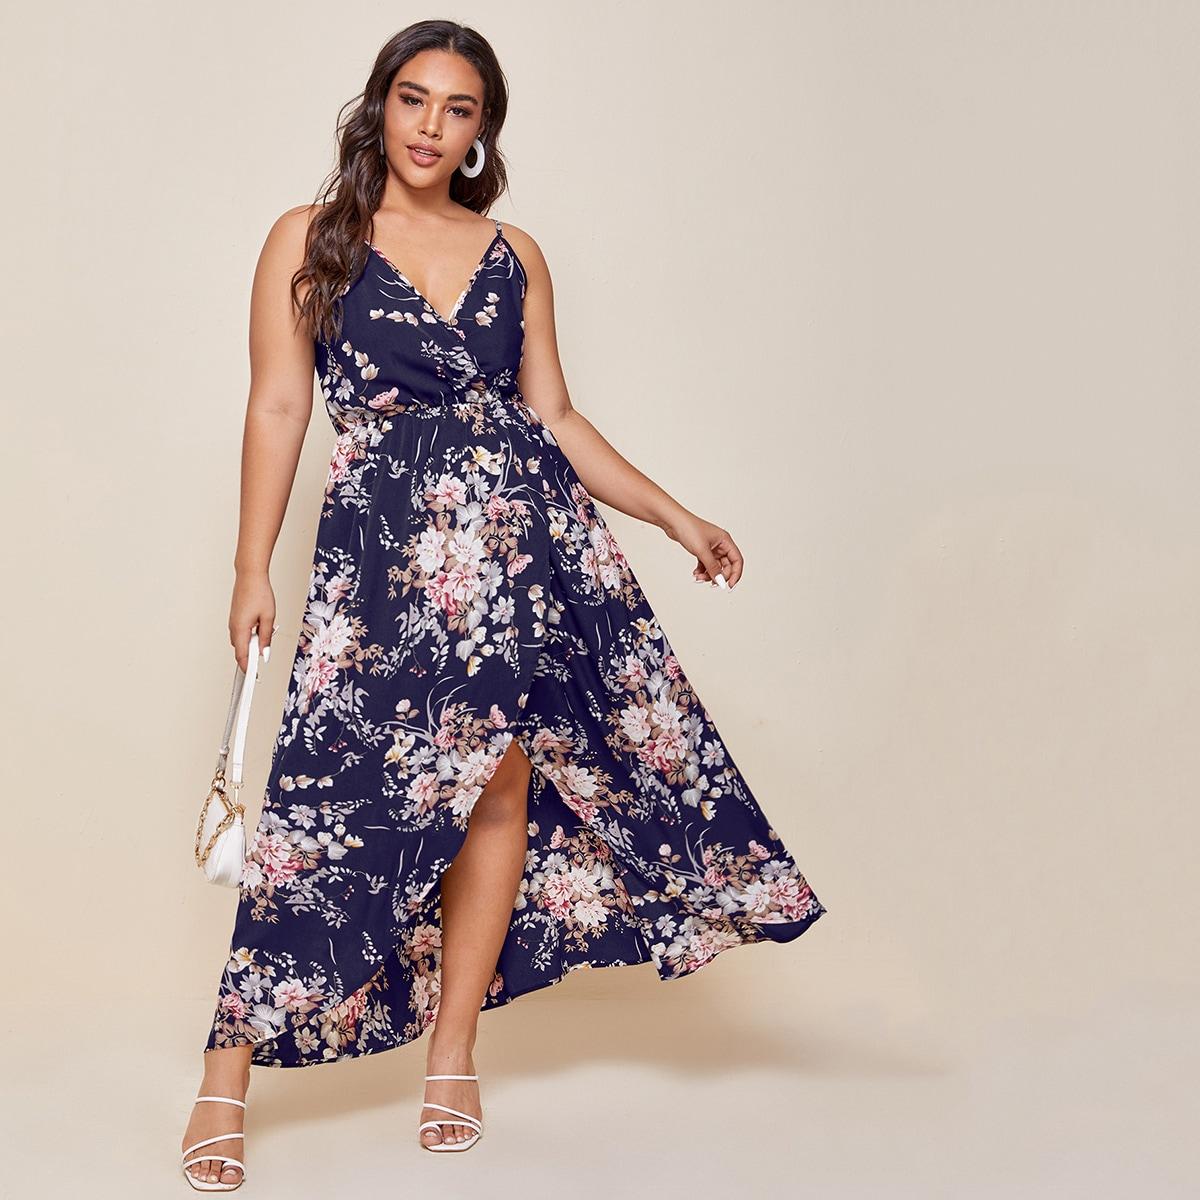 Платье на бретелях размера плюс с запахом и цветочным принтом